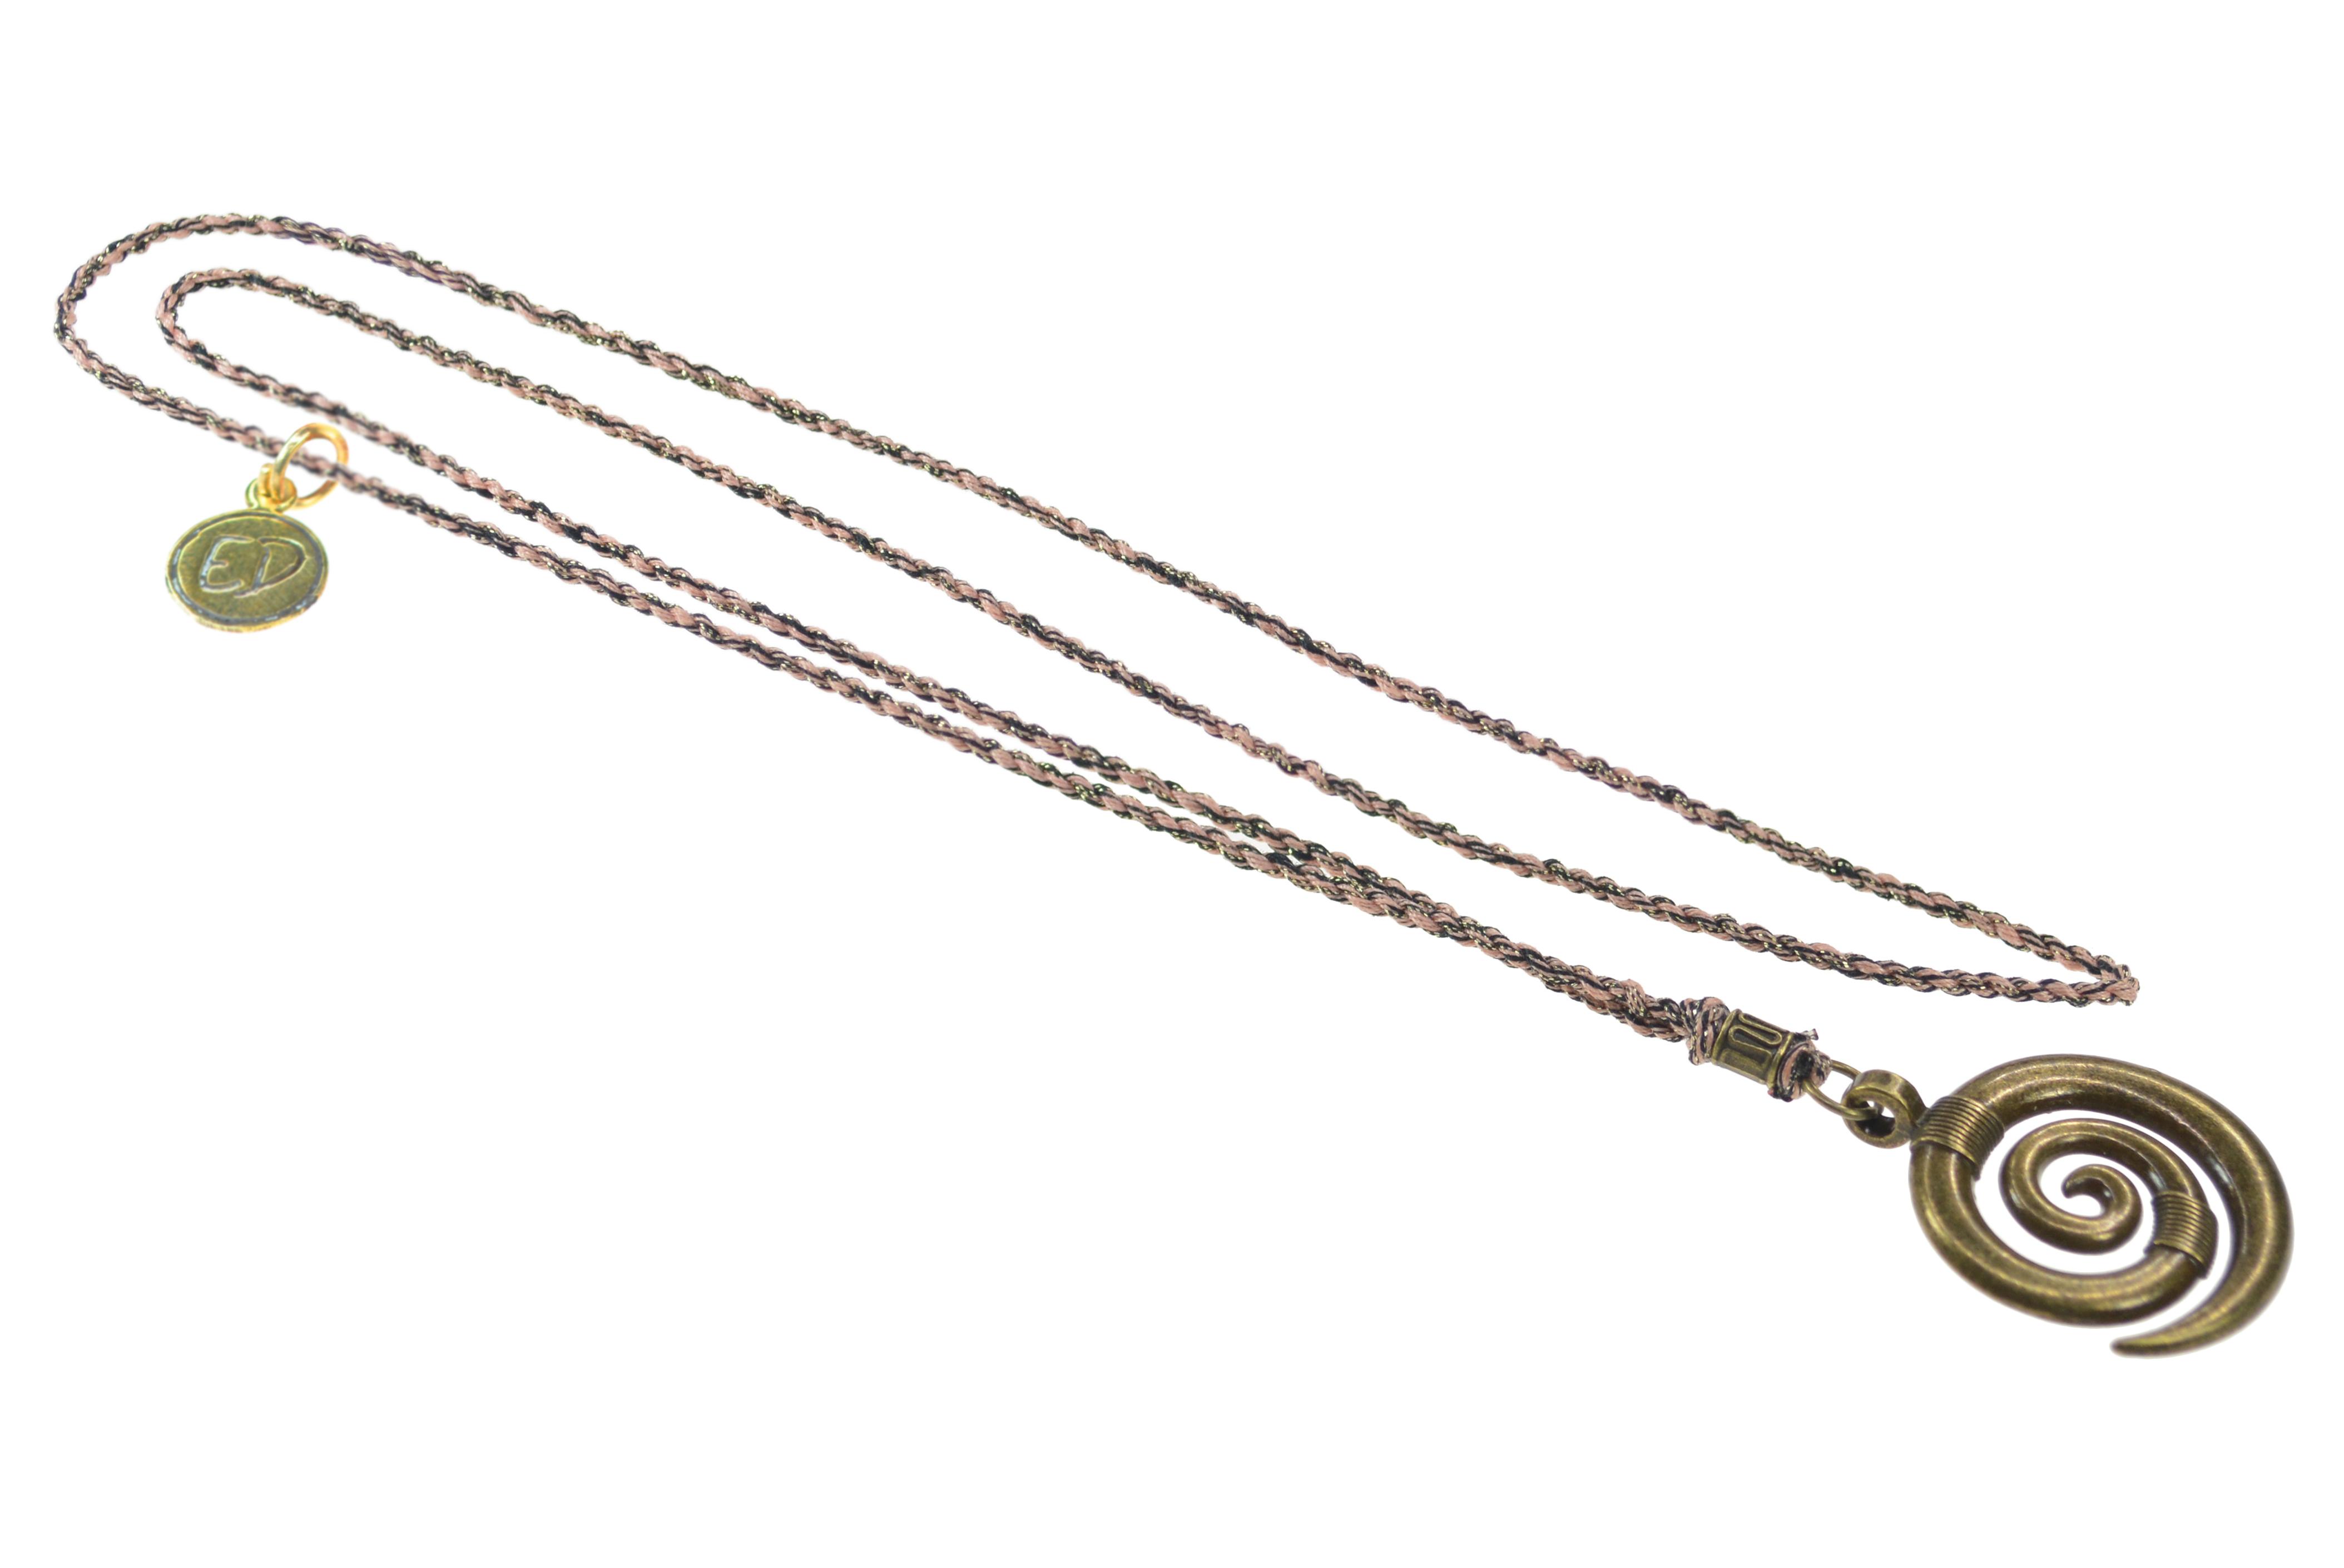 Pánsky prírodný náhrdelník s príveskom špirála - hnedý